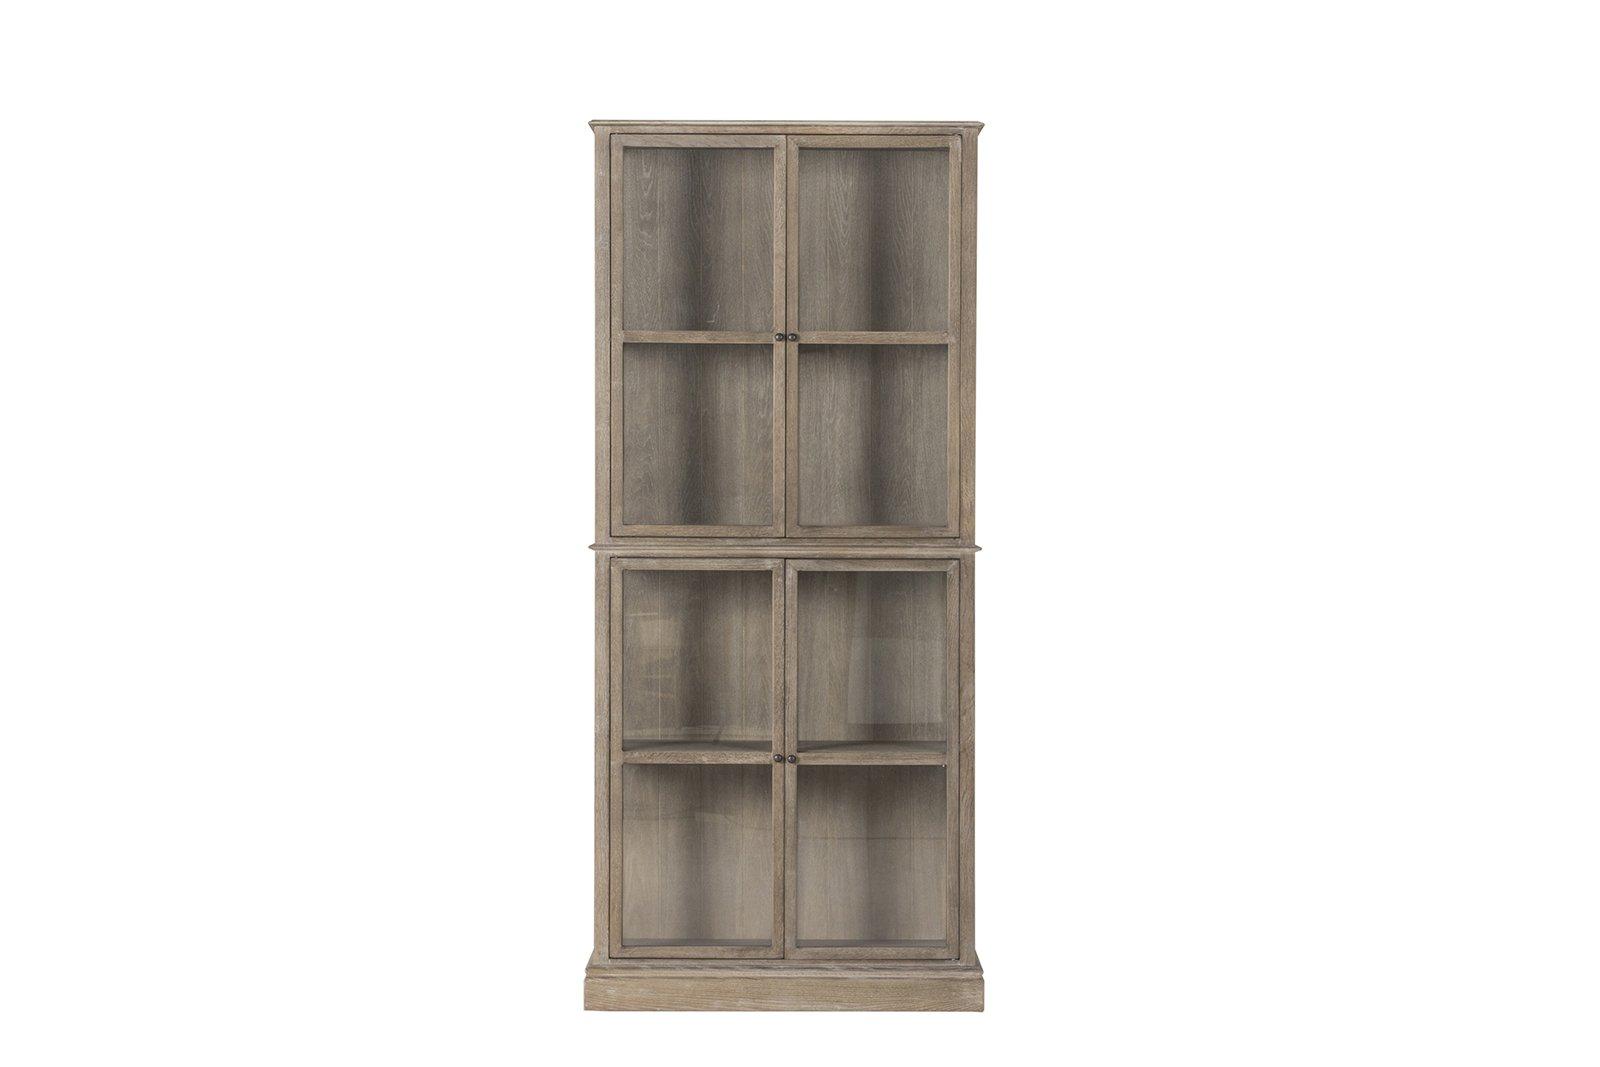 Flamant Frederik Glass Door Cabinet, Russet Oak